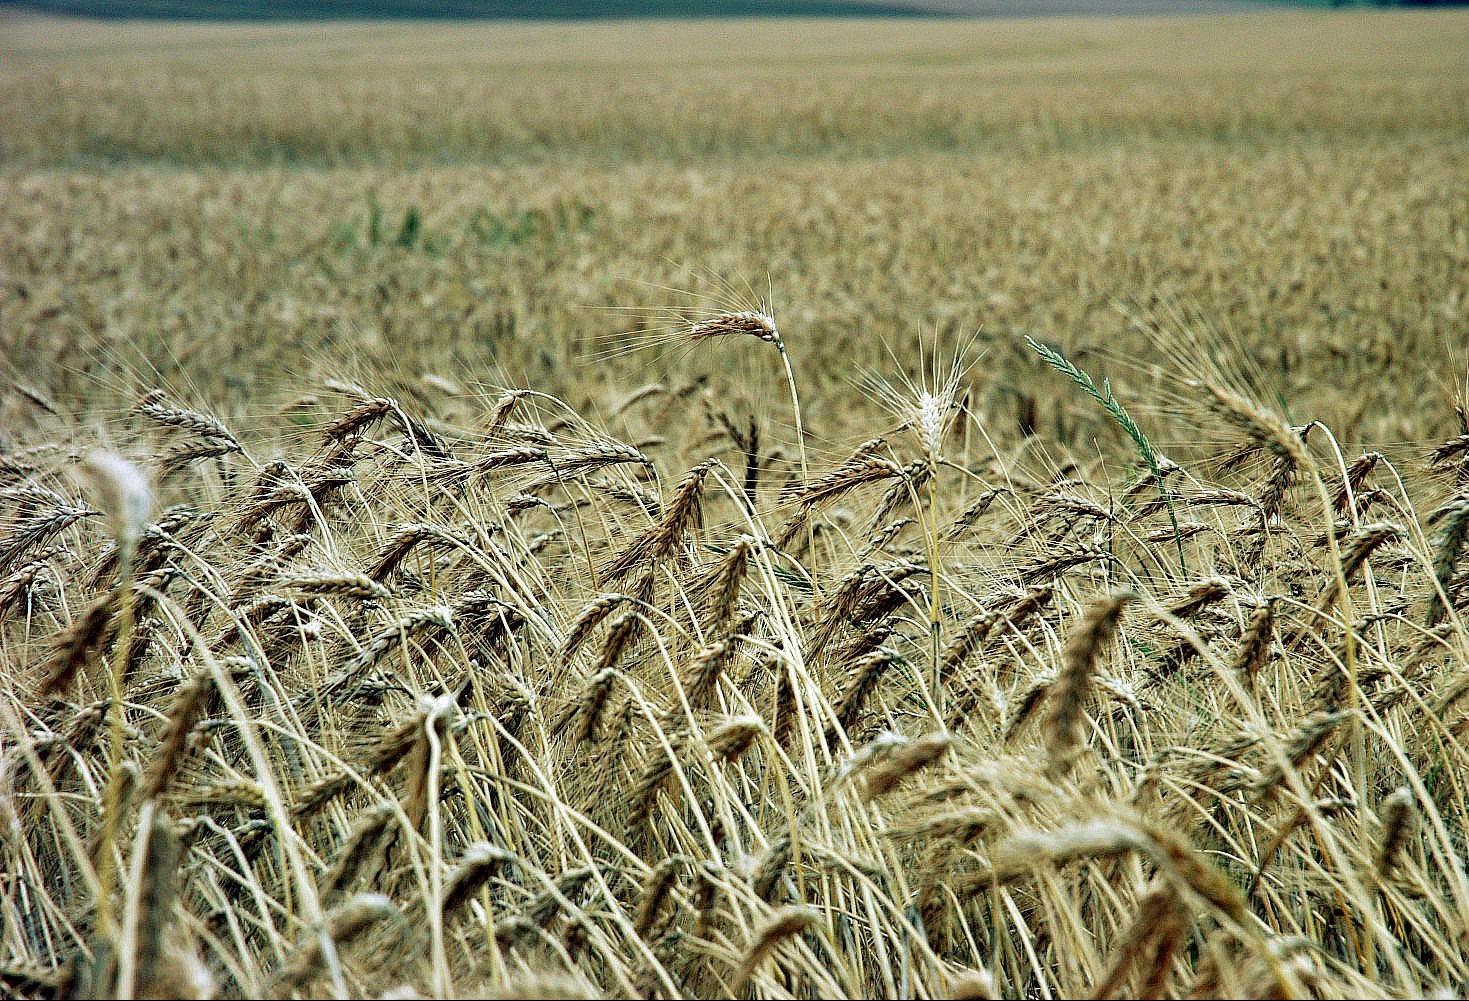 Saca do trigo custa R$ 45 em Maringá e Campo Mourão